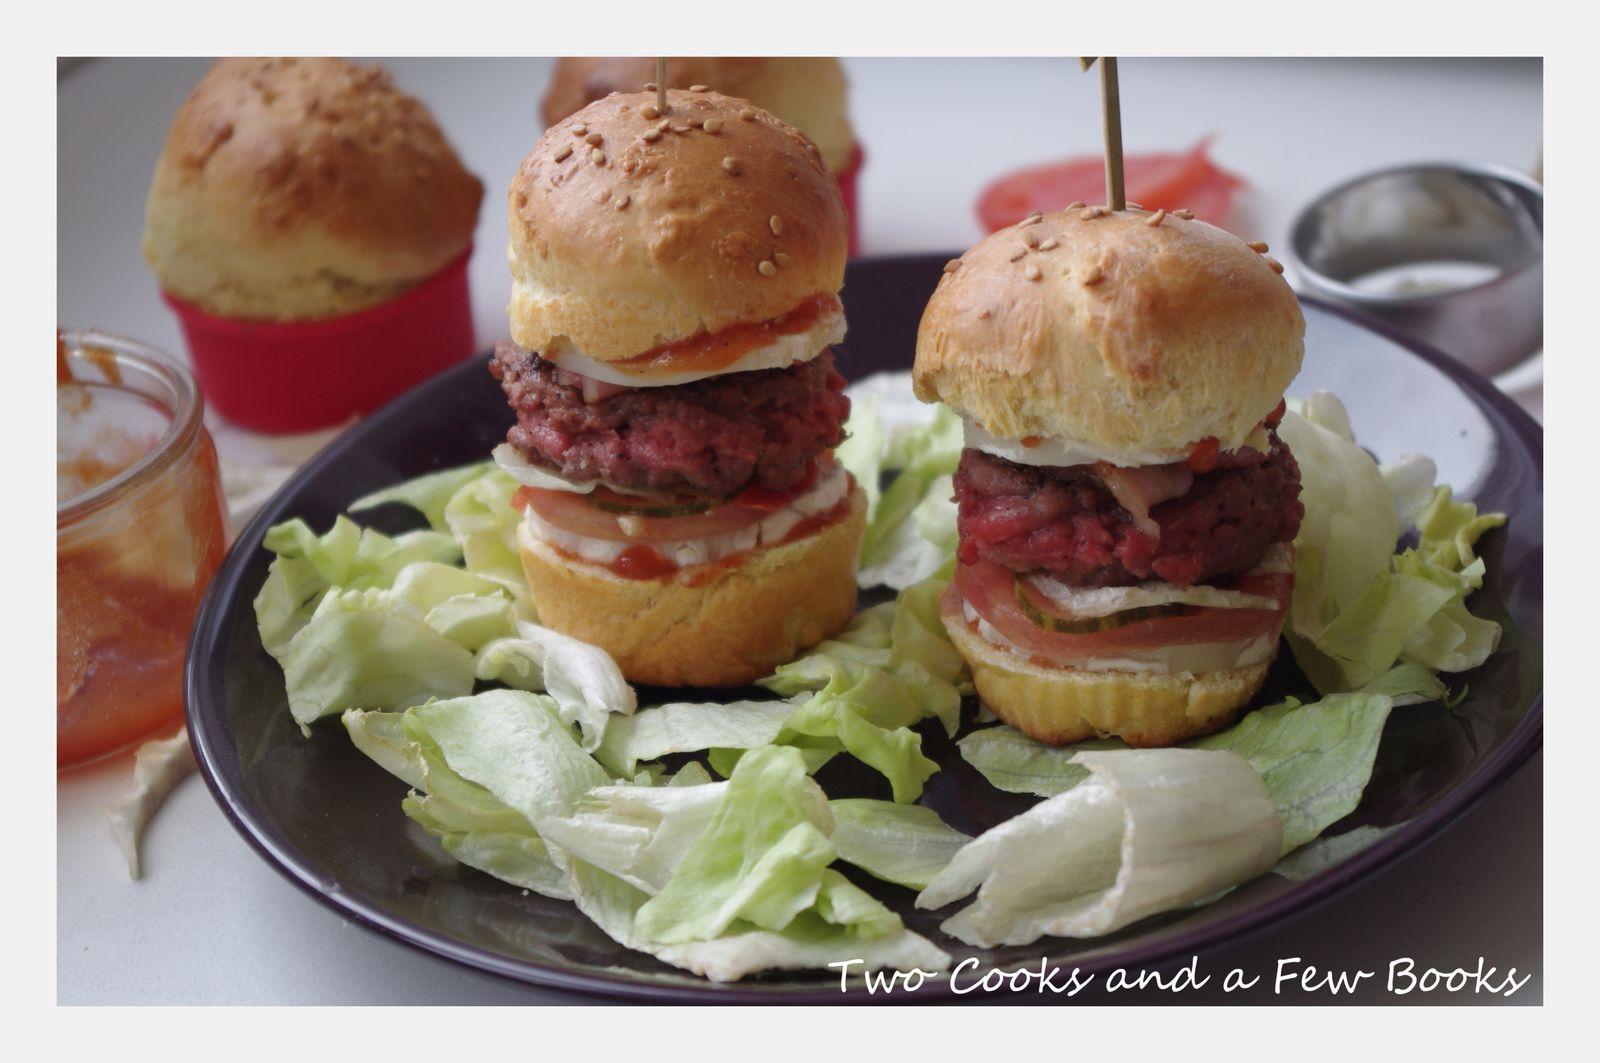 Mini-Burgers au Boeuf, Poitrine Fumé et Chèvre